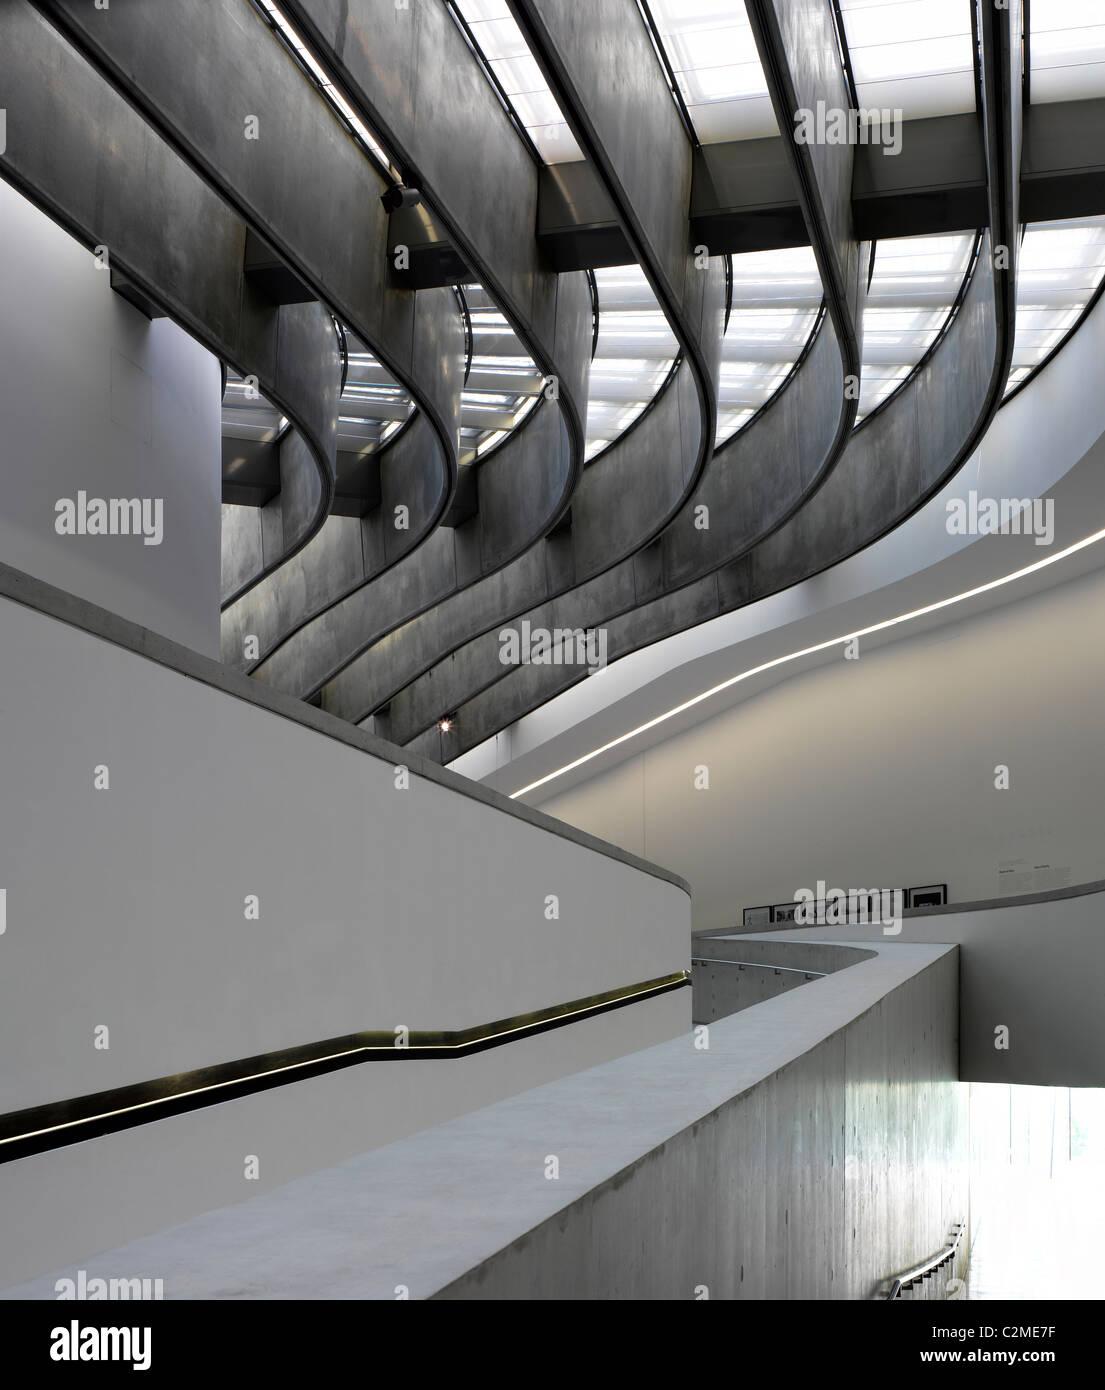 Formes architecturales au MAXXI, Musée National des Arts du xxie siècle, Rome. Photo Stock